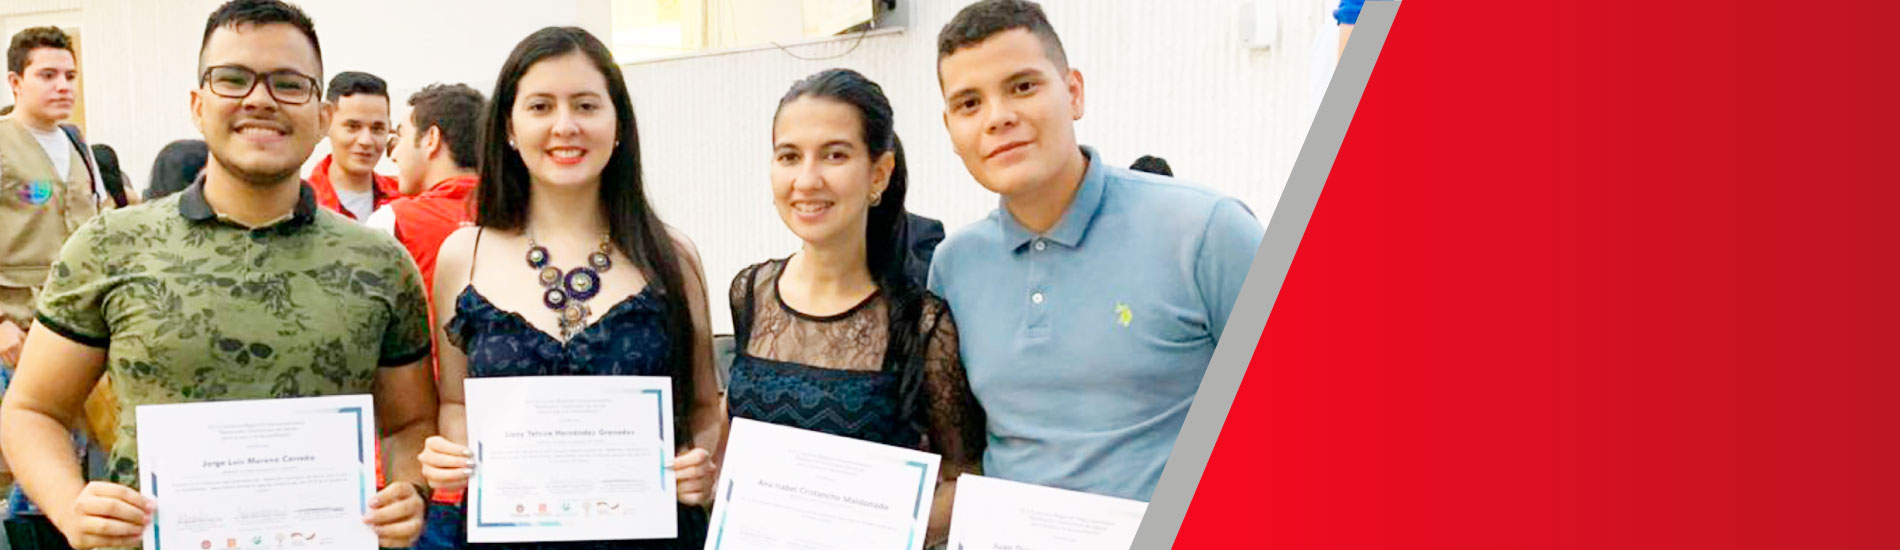 """UFPS ganó el II Concurso regional interuniversitario """"Restitución transicional de tierras para la paz y la reconciliación"""""""